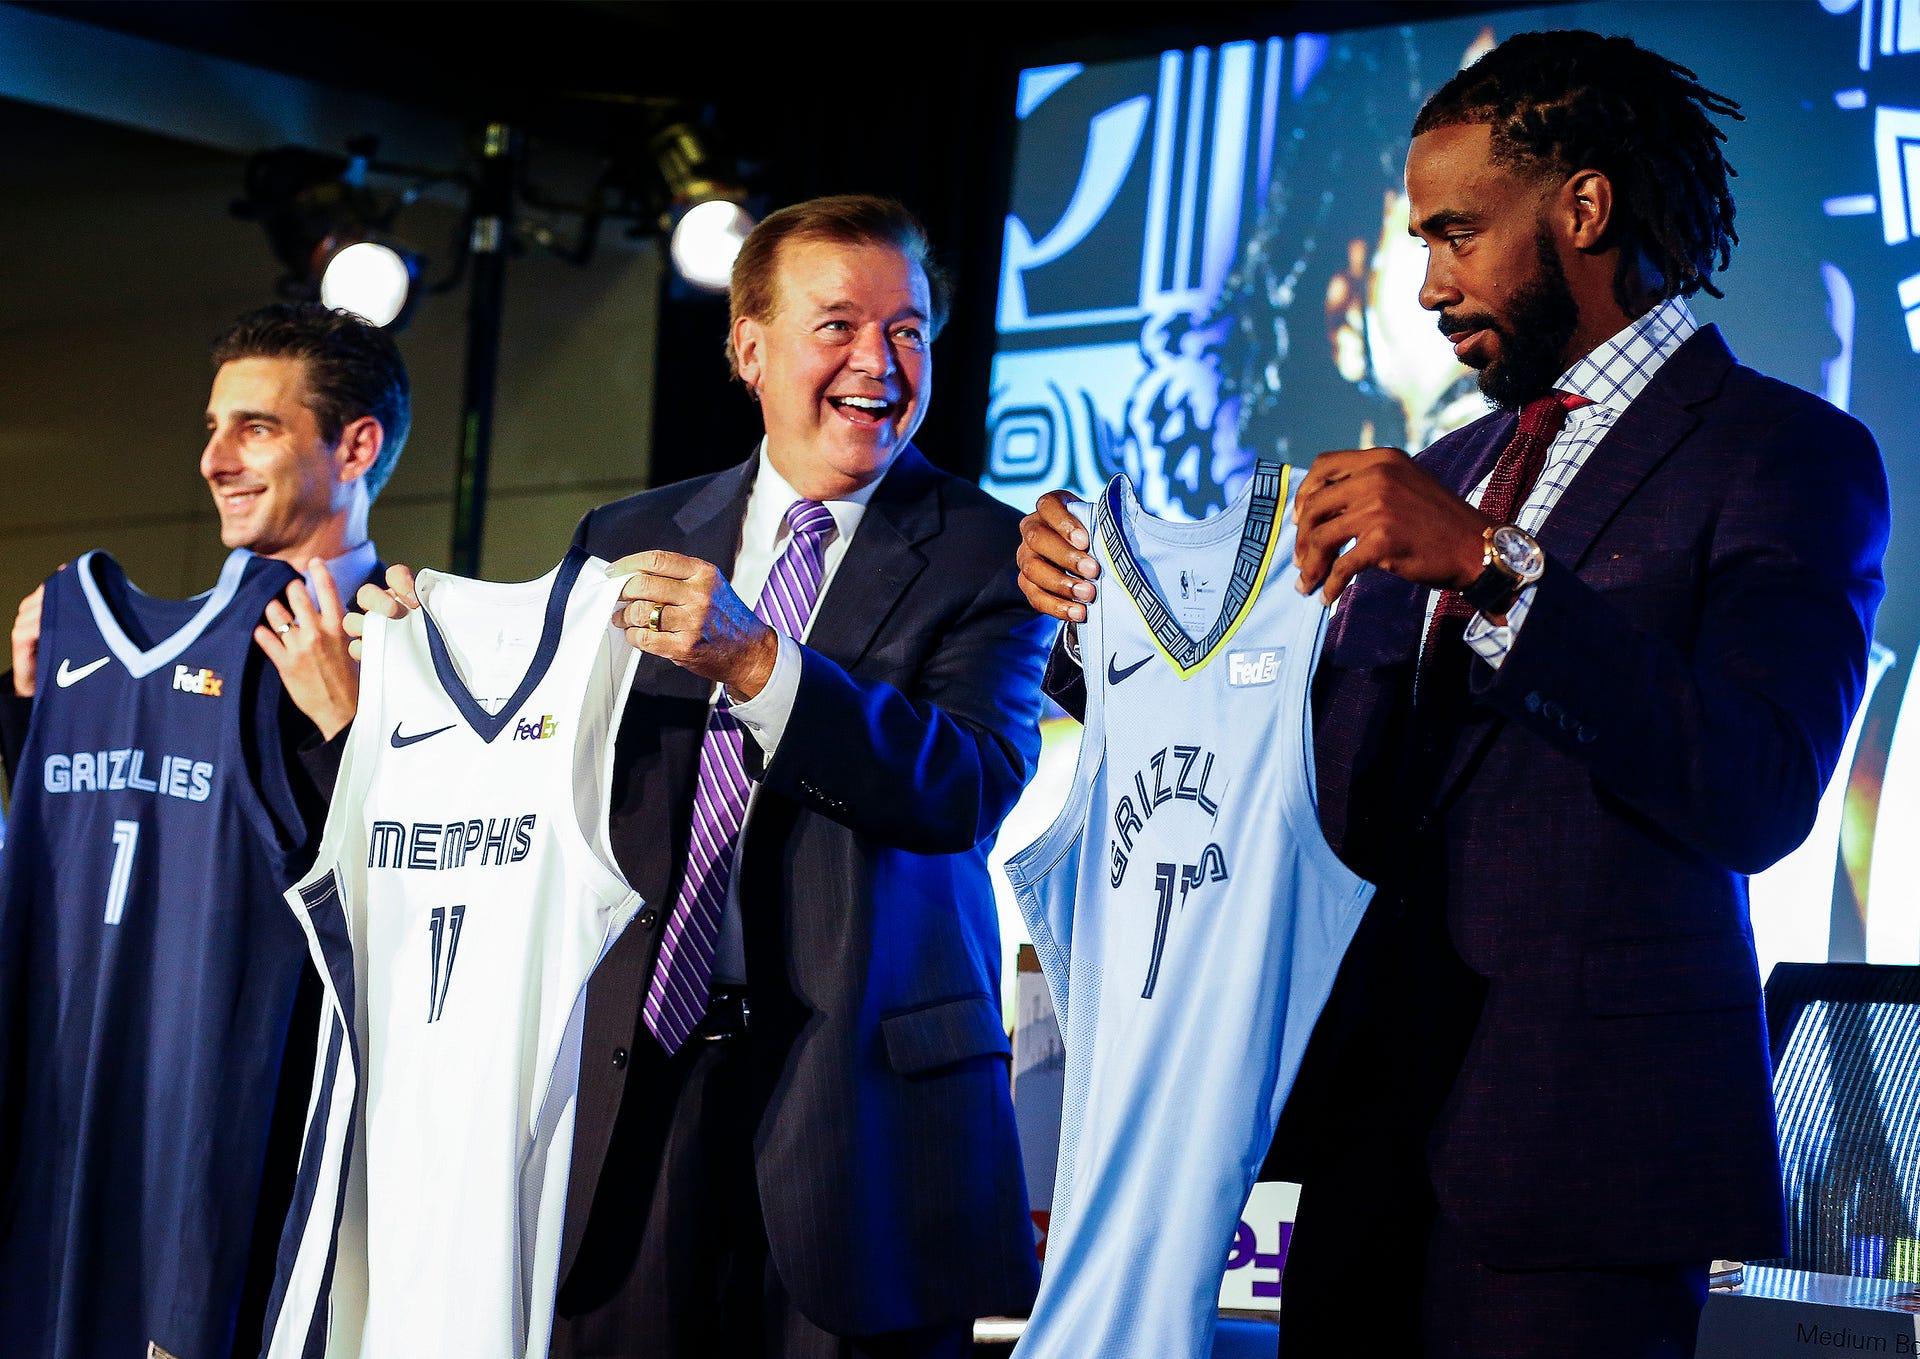 separation shoes 0fd99 a7379 Memphis Grizzlies unveil new uniforms for 2018-19